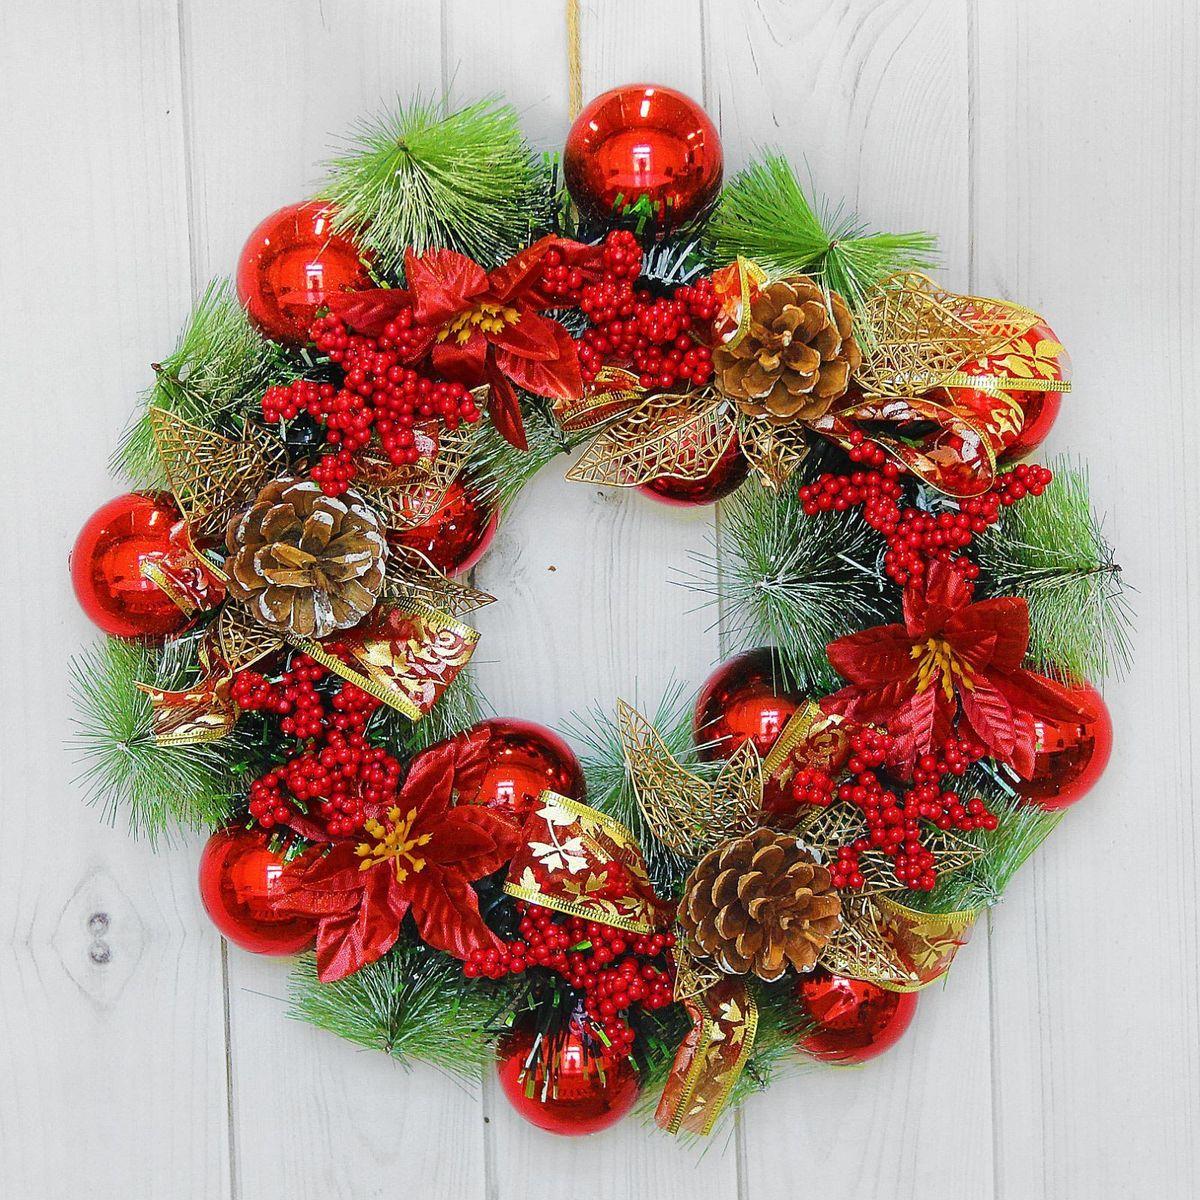 Венок новогодний Sima-land С красными ягодами и розовыми цветами, диаметр 30 см2372219Невозможно представить нашу жизнь без праздников! Мы всегда ждём их и предвкушаем, обдумываем, как проведём памятный день, тщательно выбираем подарки и аксессуары, ведь именно они создают и поддерживают торжественный настрой. — это отличный выбор, который привнесёт атмосферу праздника в ваш дом!